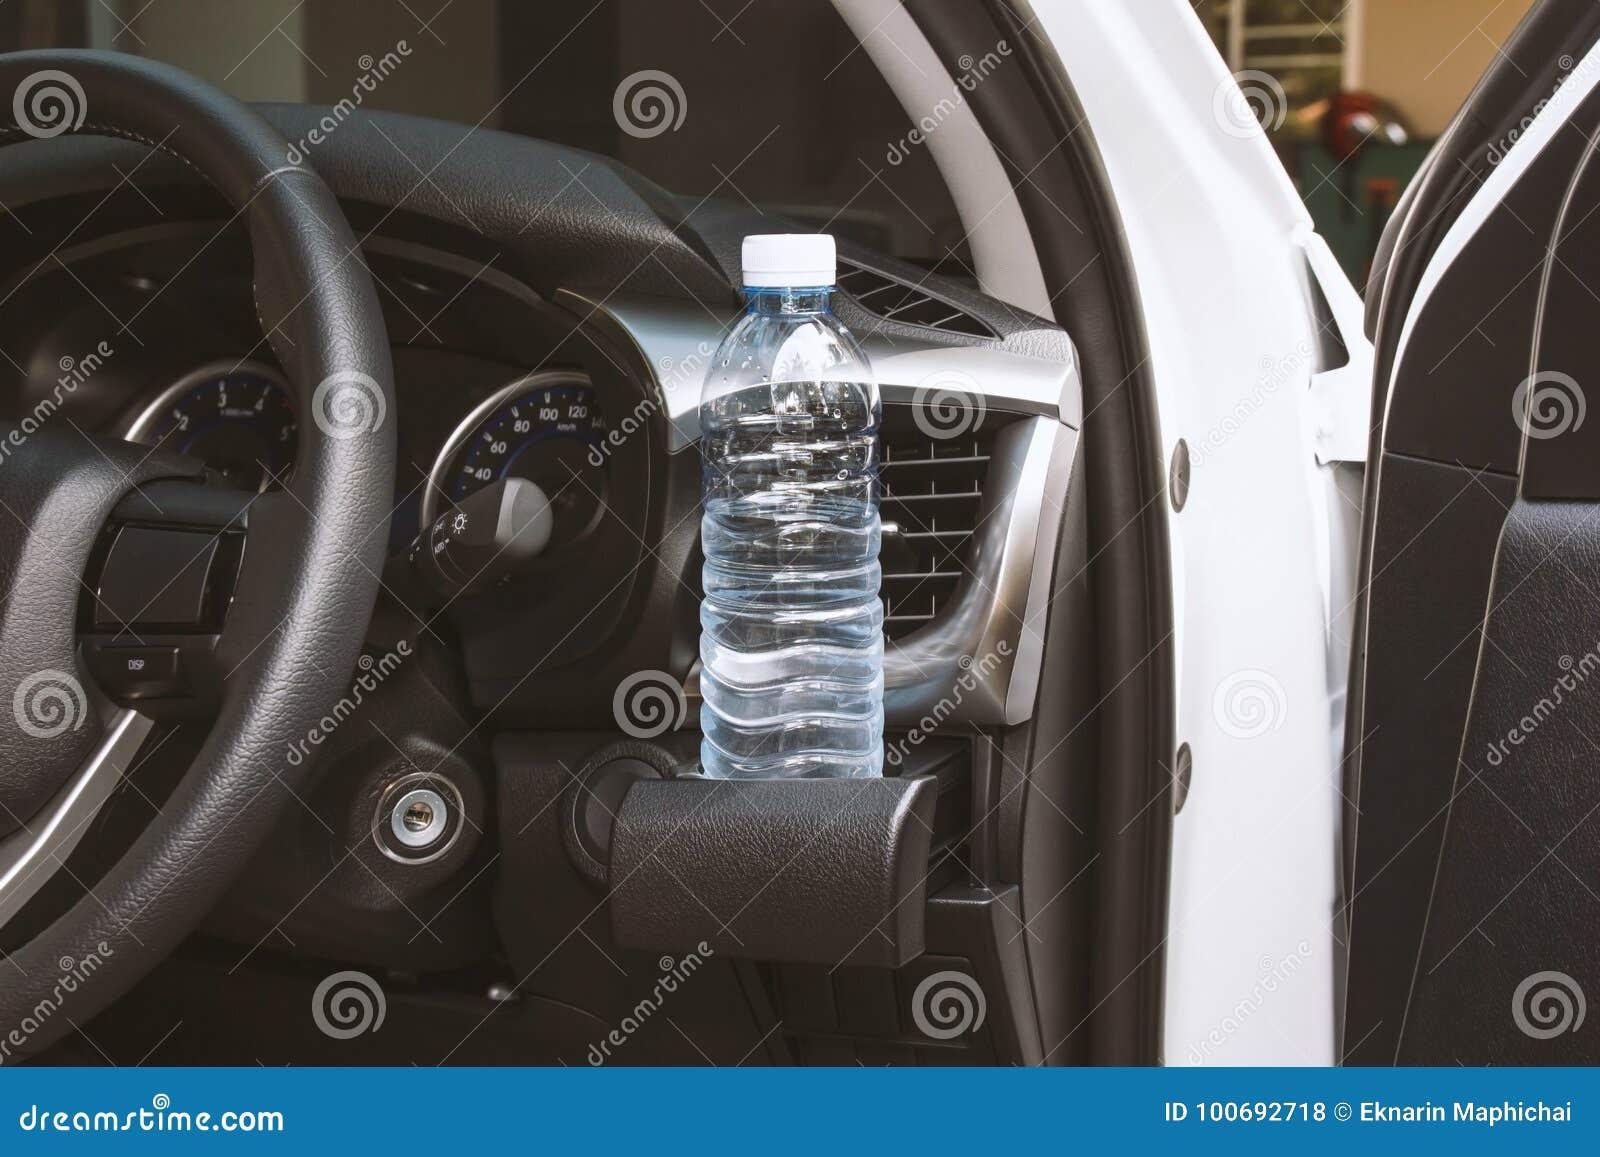 Drinkwaterfles op kophouder